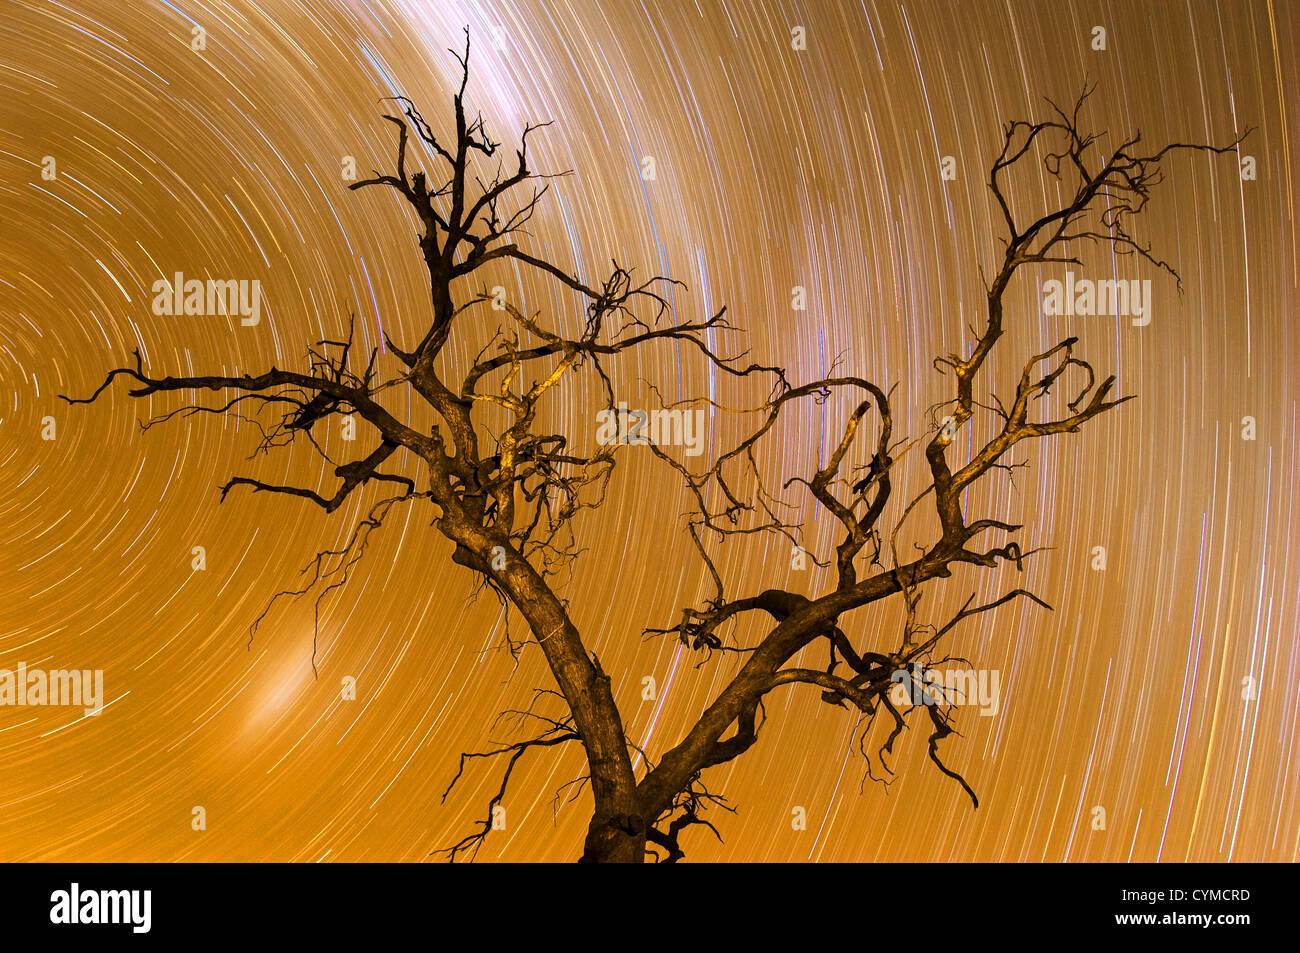 Árbol fantasmal bajo Estelas de estrellas. Imagen De Stock